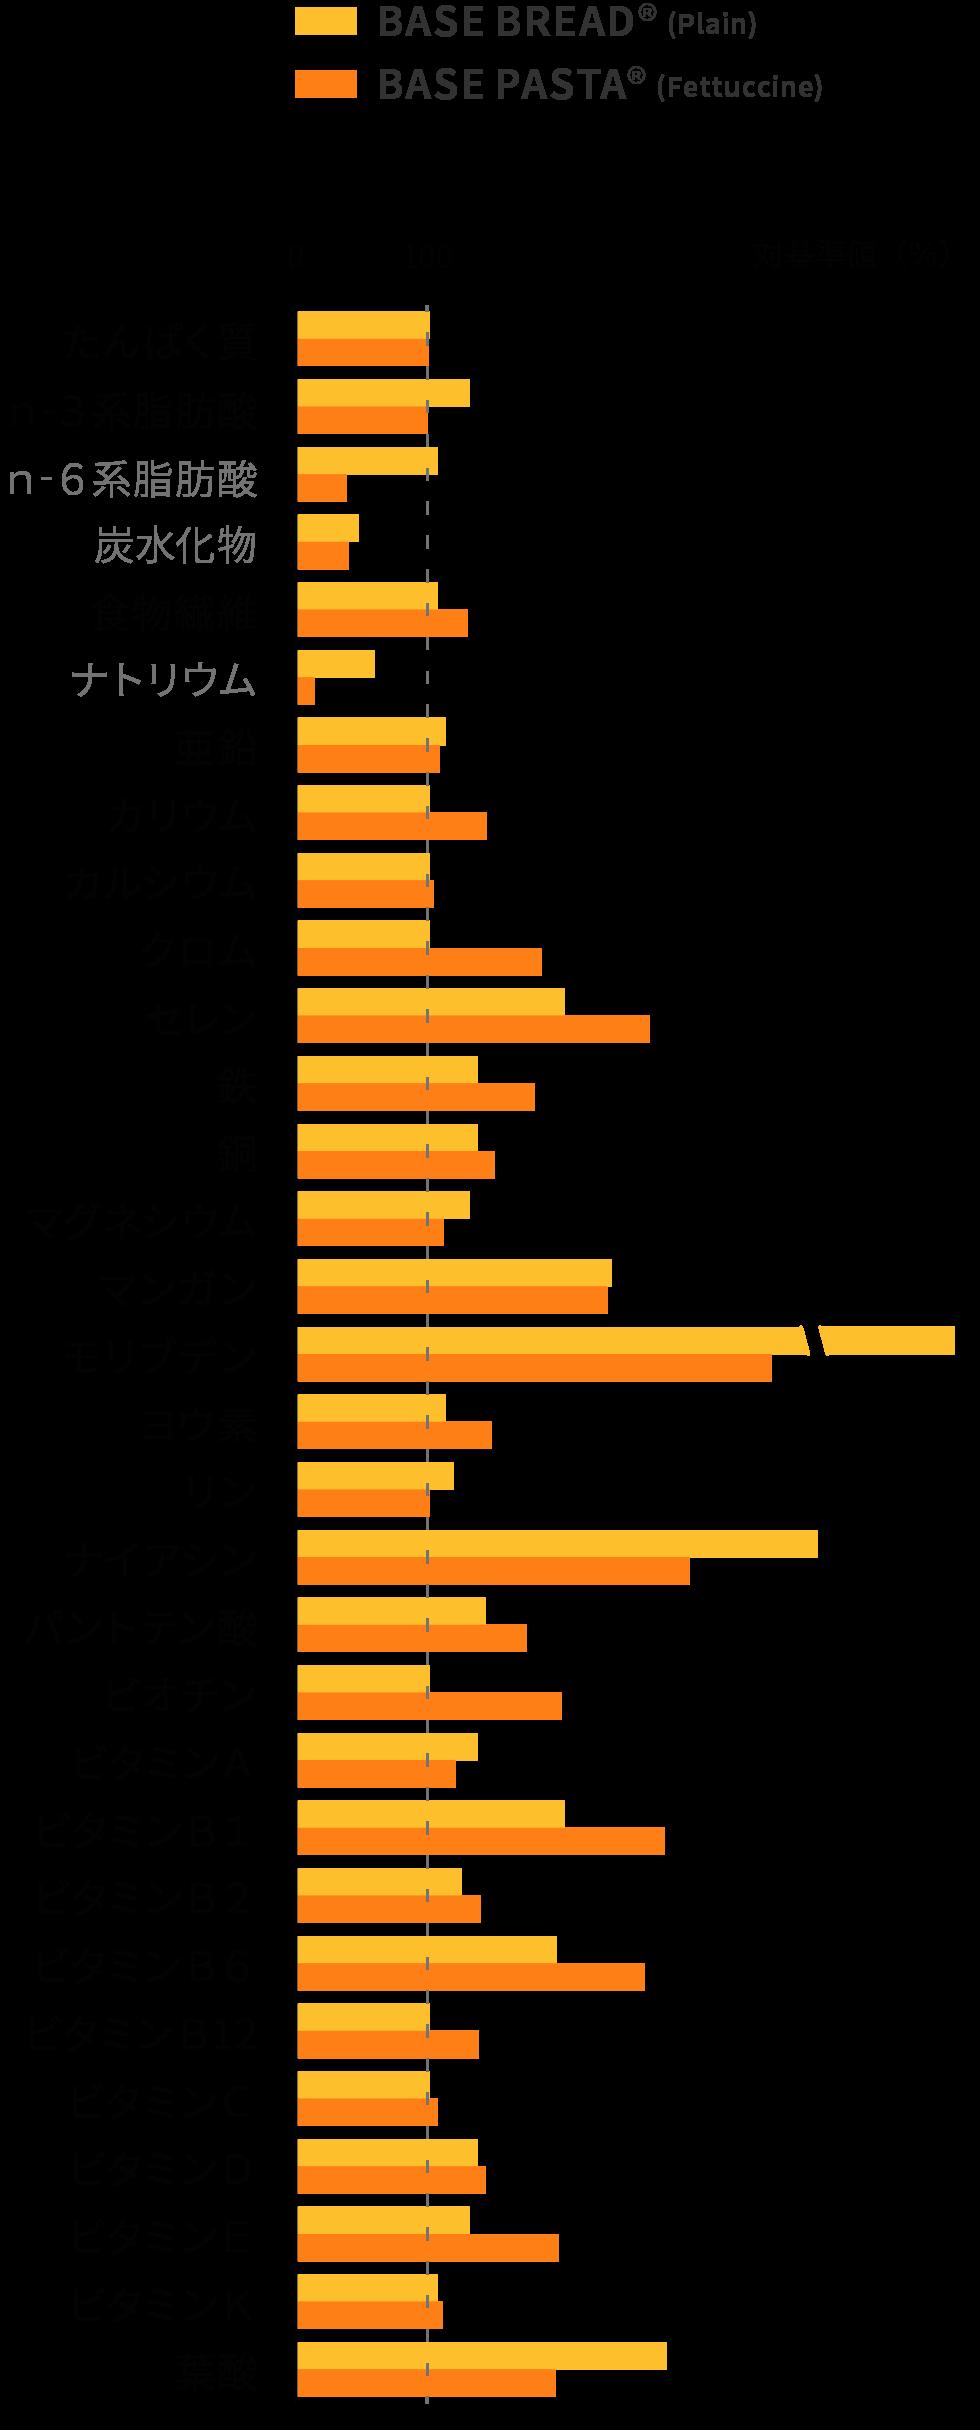 1食あたりの推奨摂取量との各栄養素比較